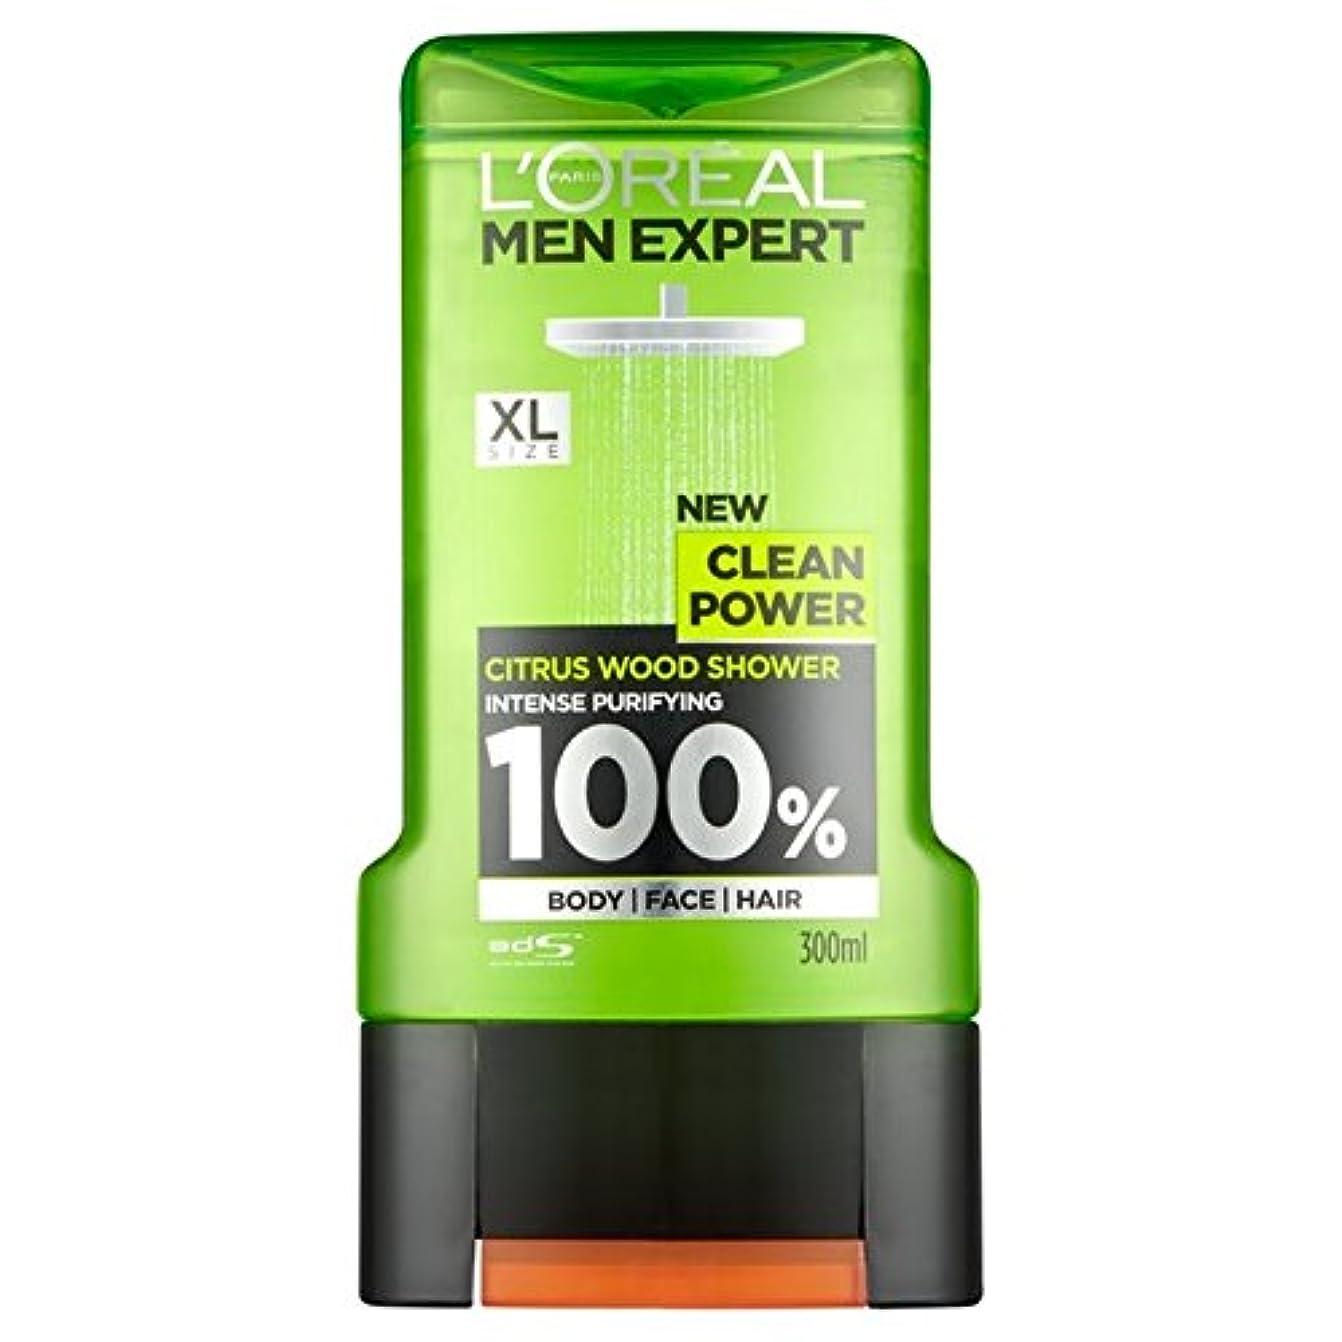 カバー中央値商人L'Oreal Paris Men Expert Clean Power Shower Gel 300ml - ロレアルパリの男性の専門家クリーンパワーシャワージェル300ミリリットル [並行輸入品]